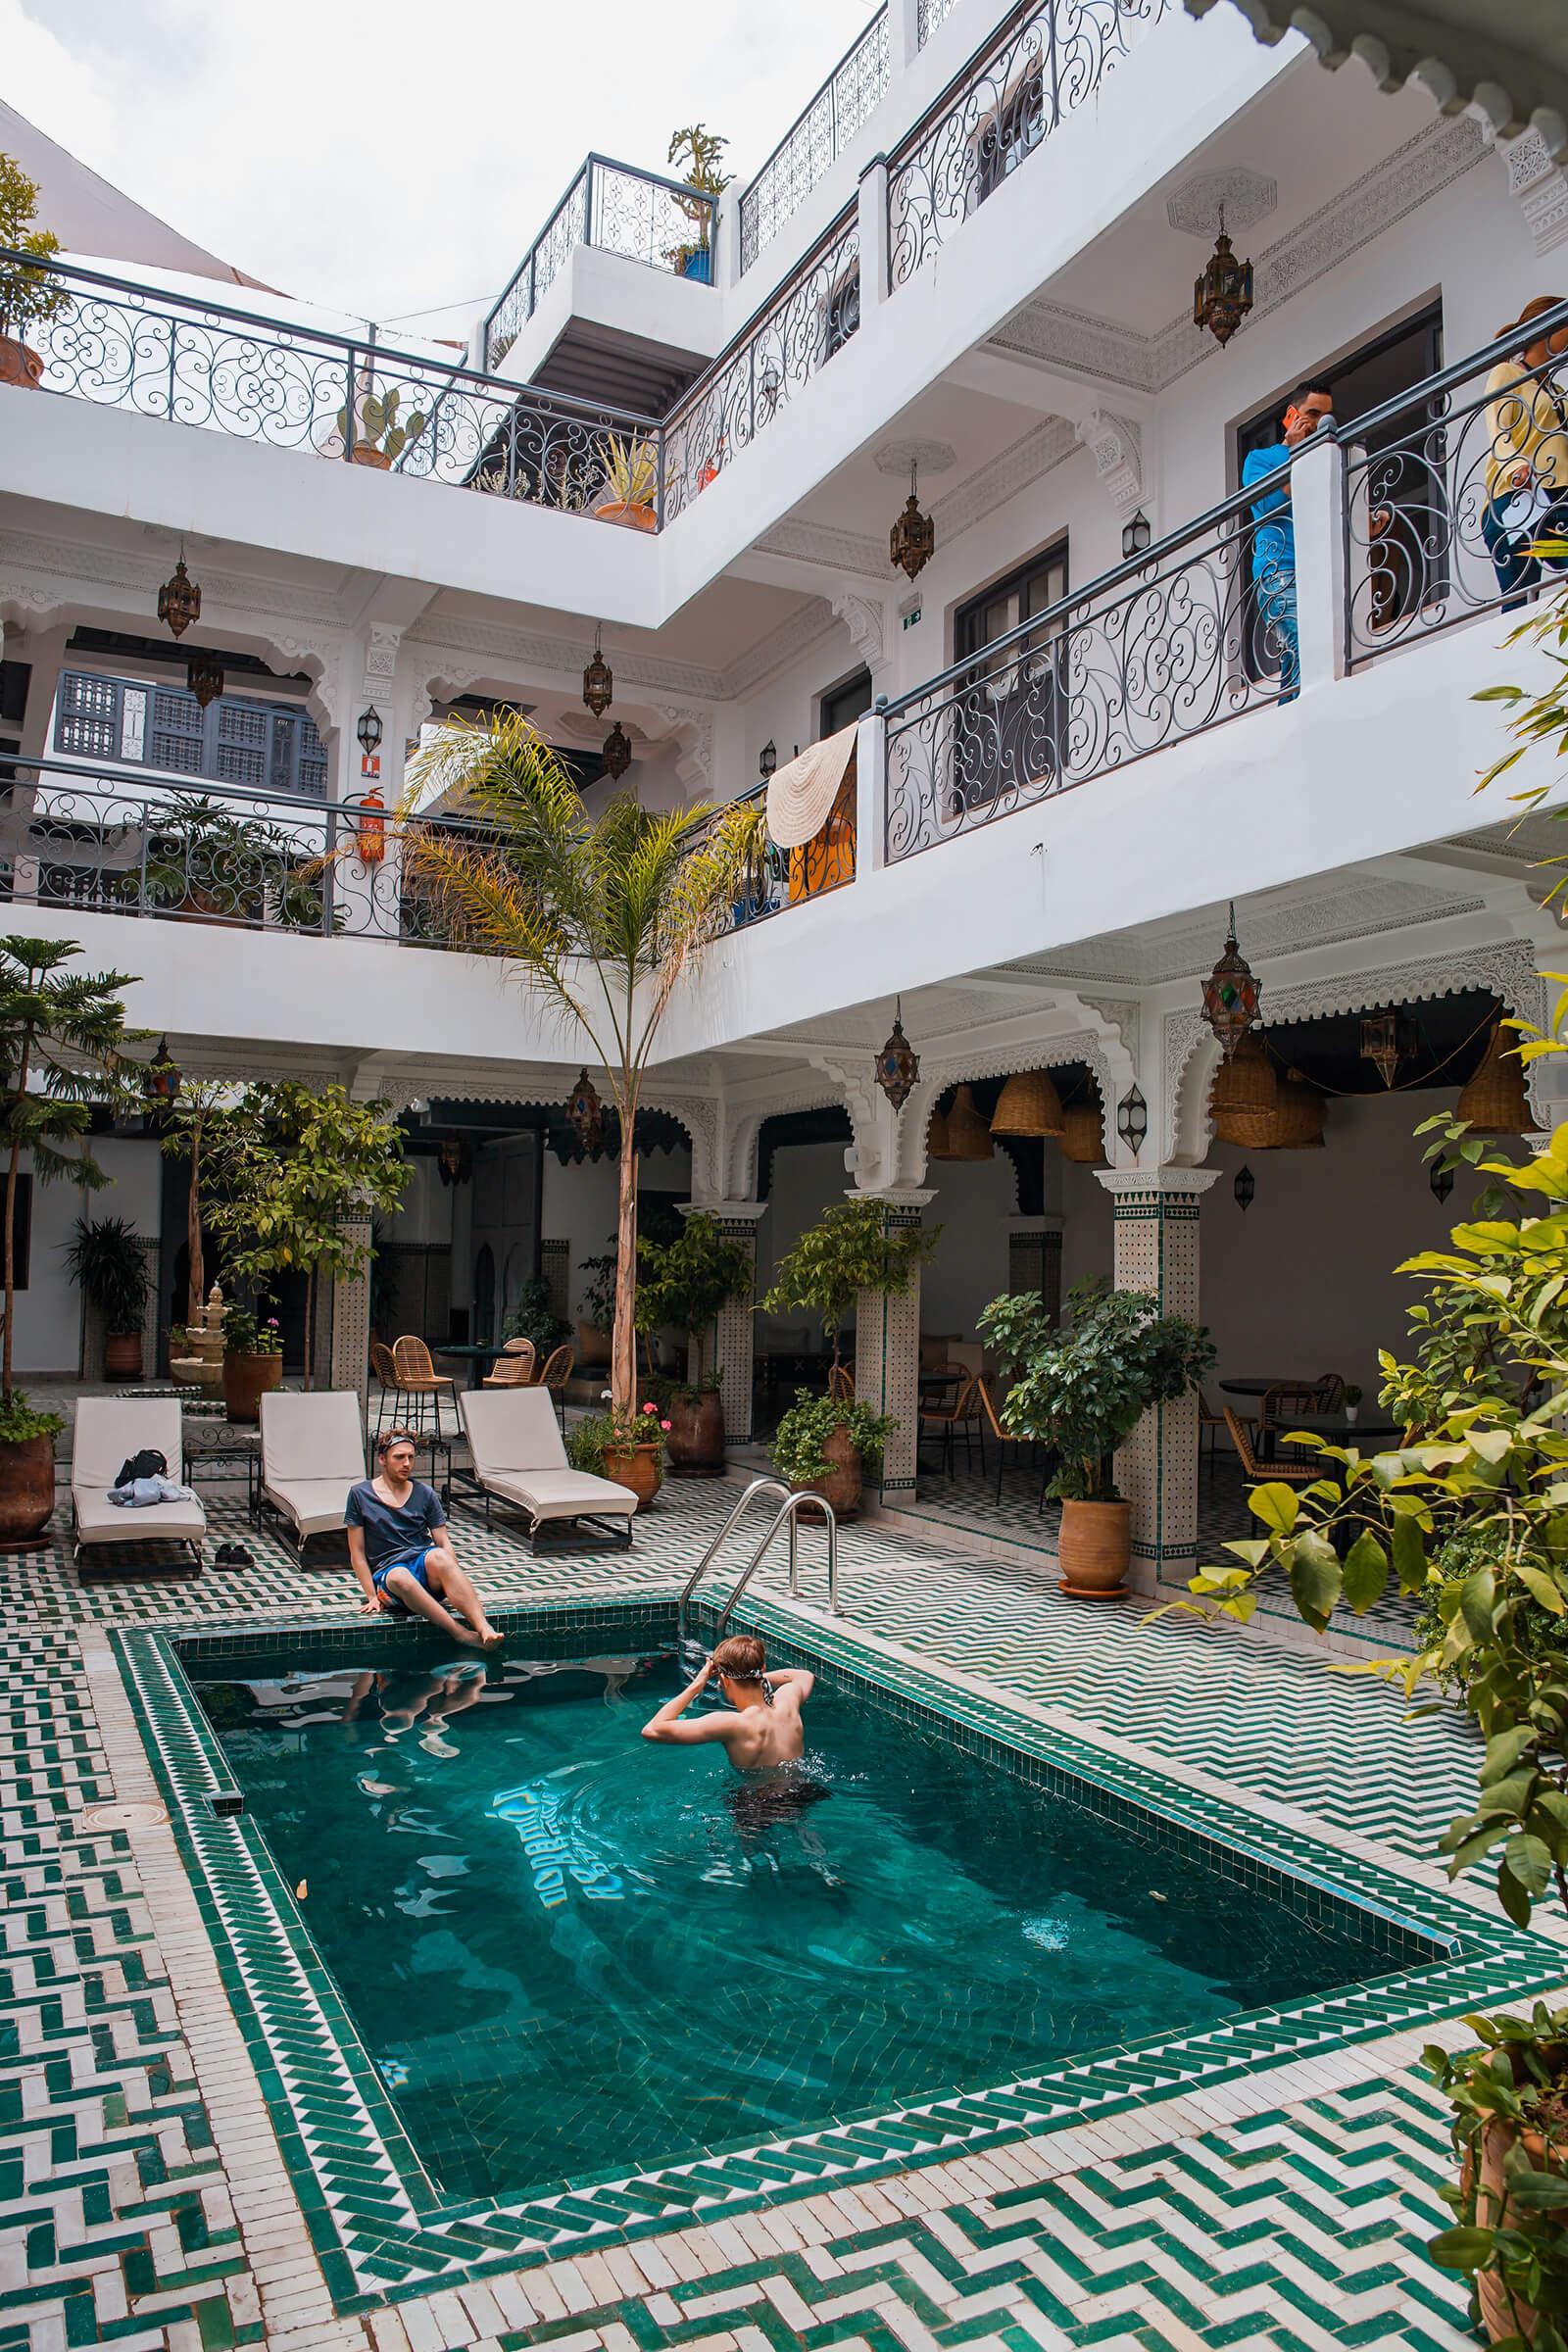 Sahara Desert Tour - Best Big City Riads of Morocco